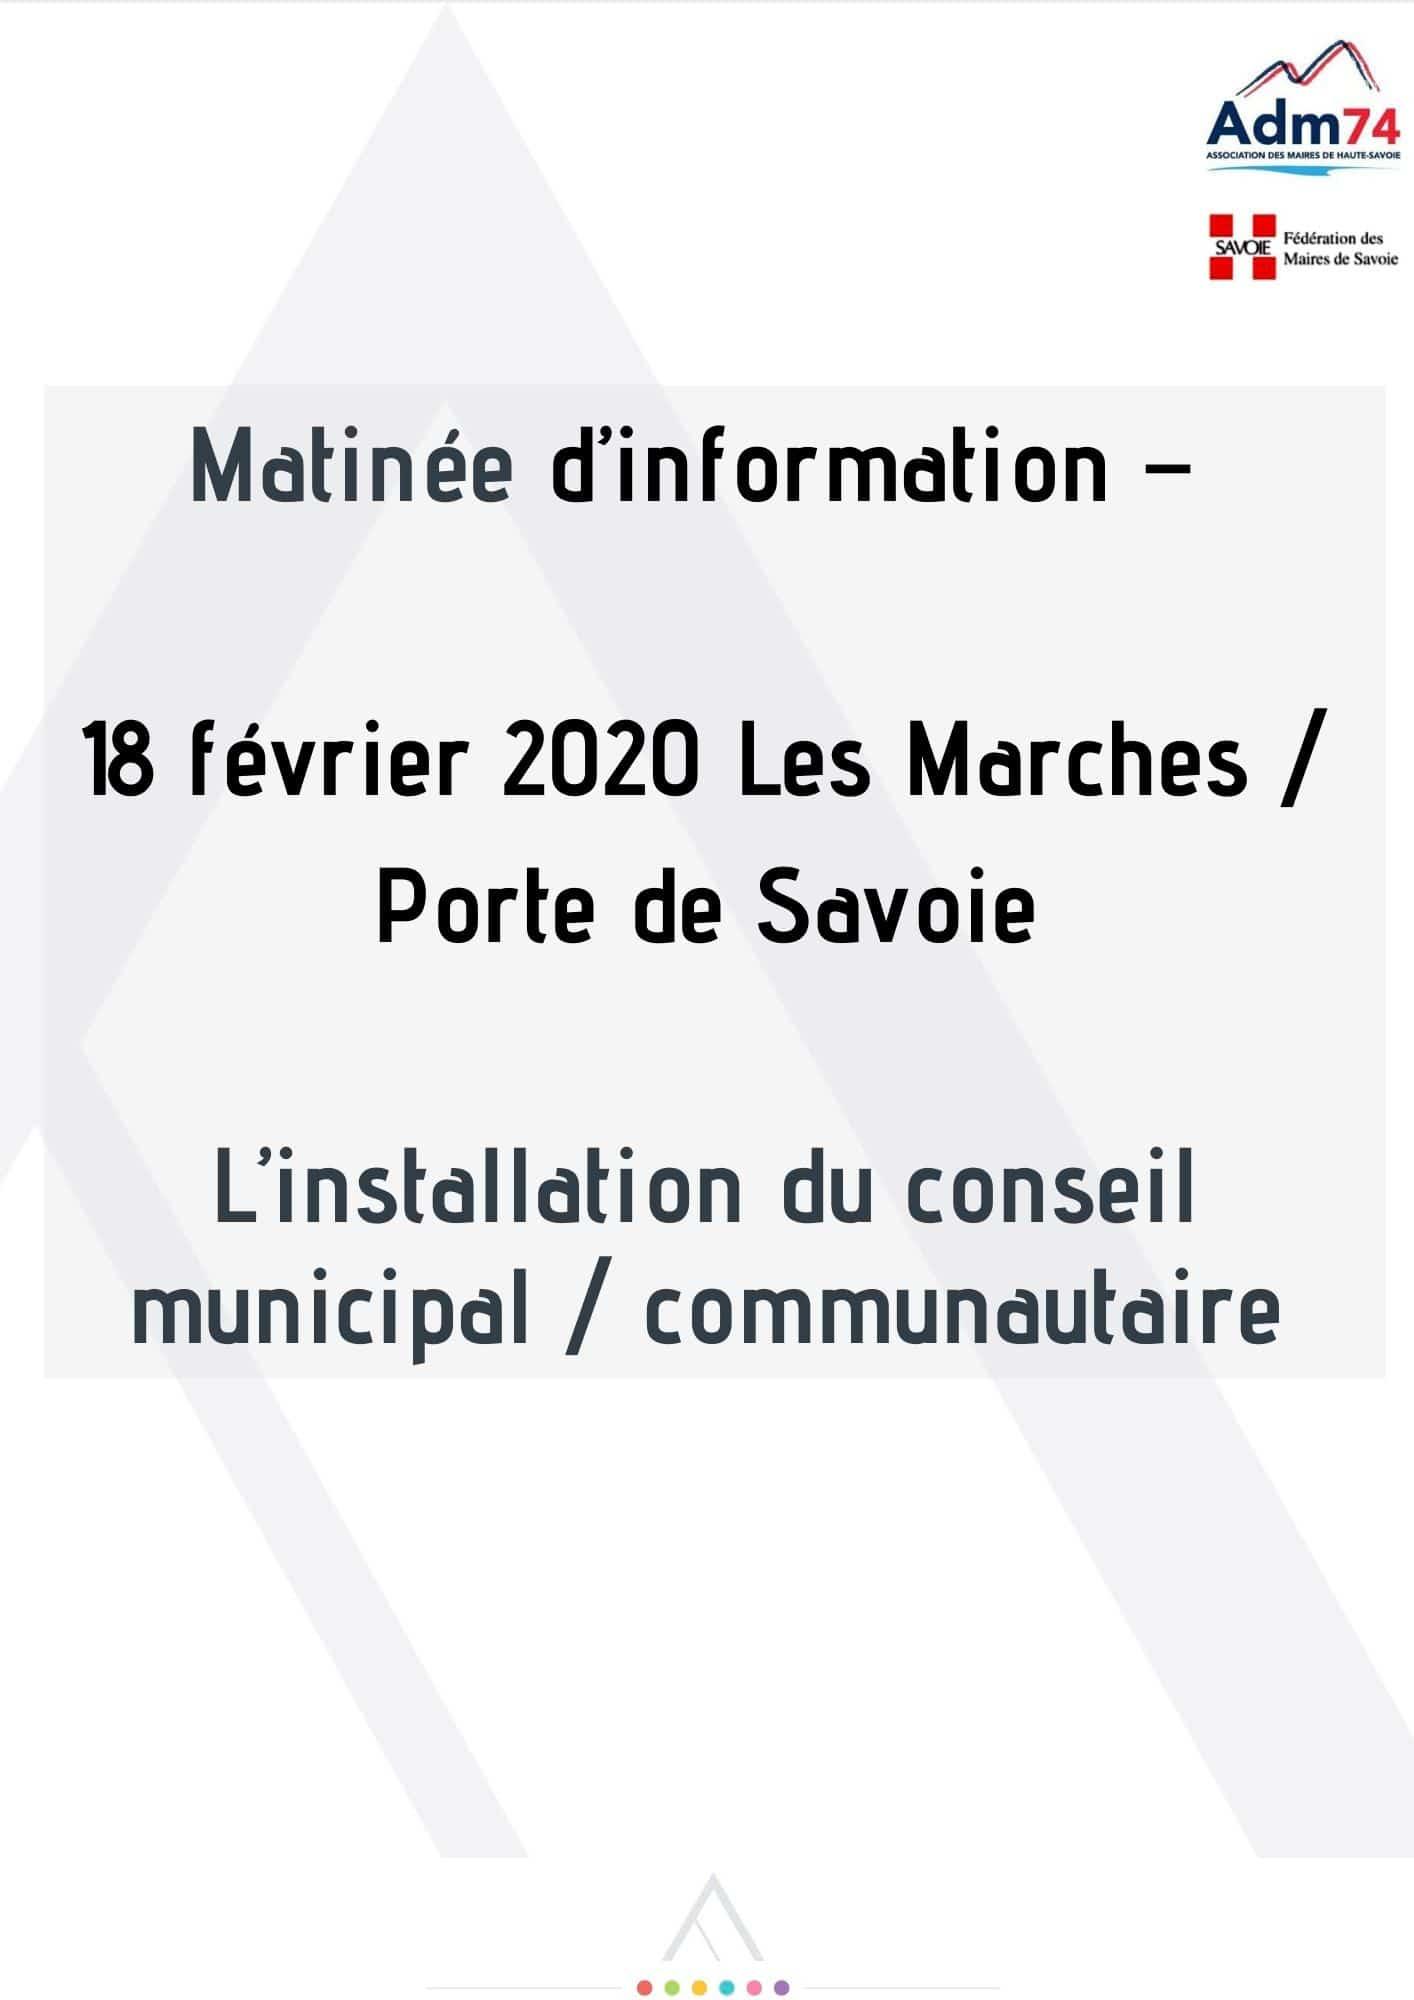 Présentation de l'installation du premier conseil municipal / communautaire